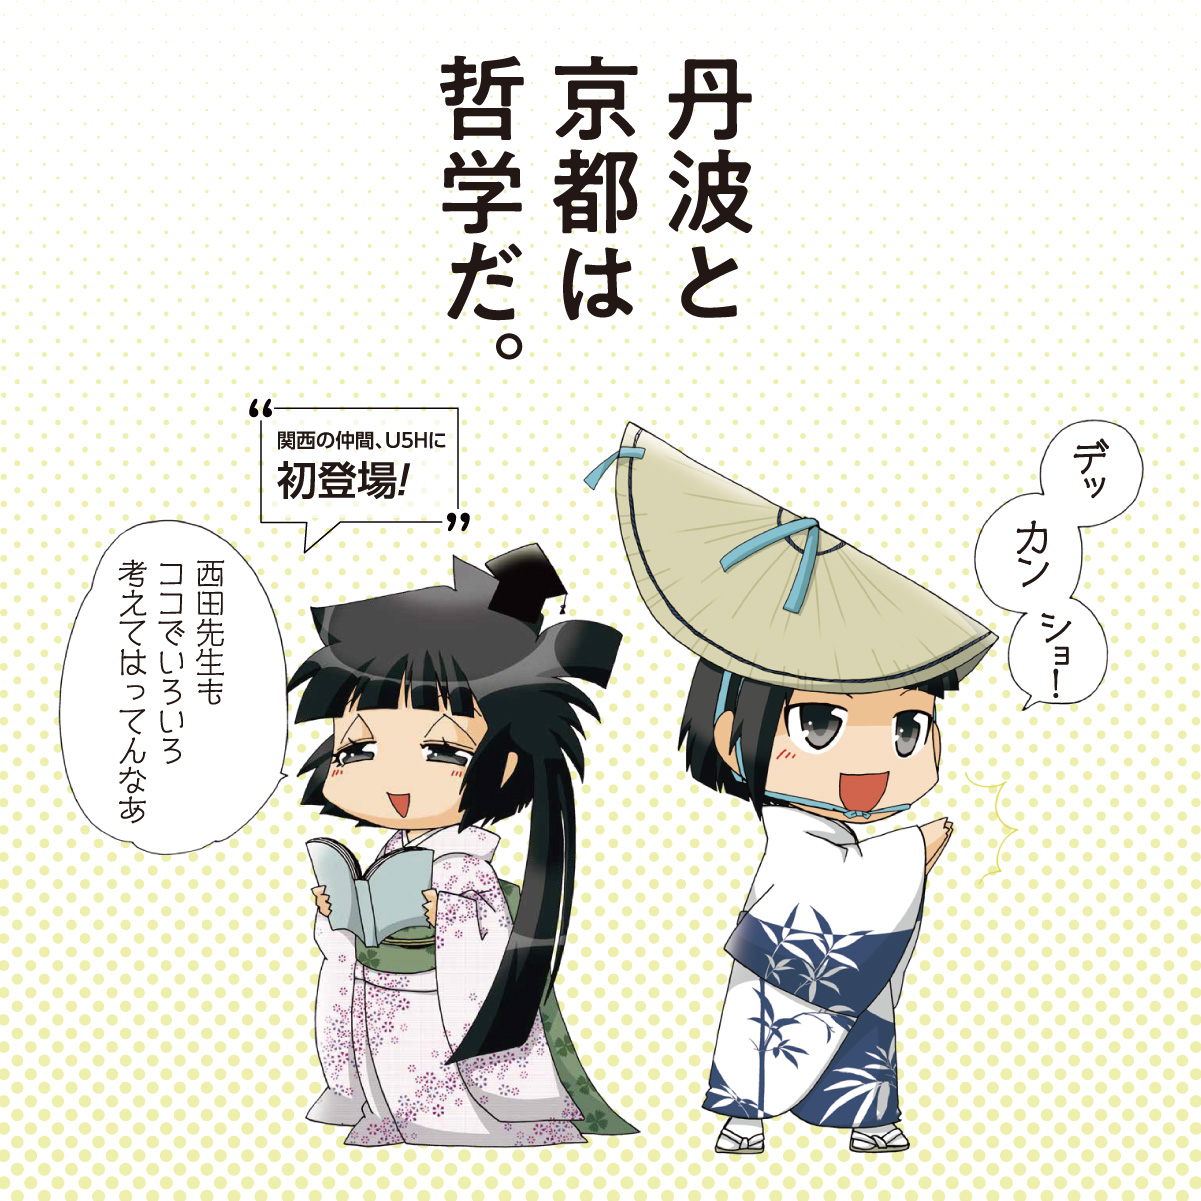 丹波と京都は哲学だ。